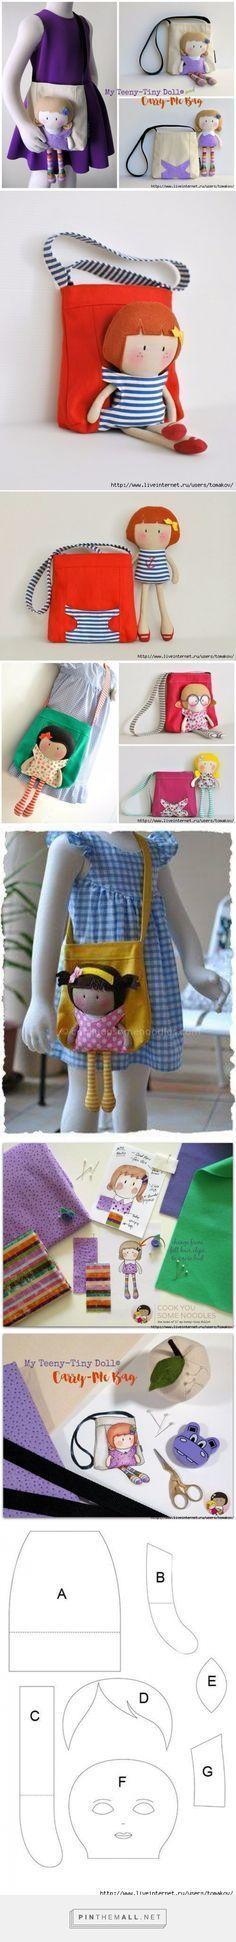 Bolsa infantil com boneca